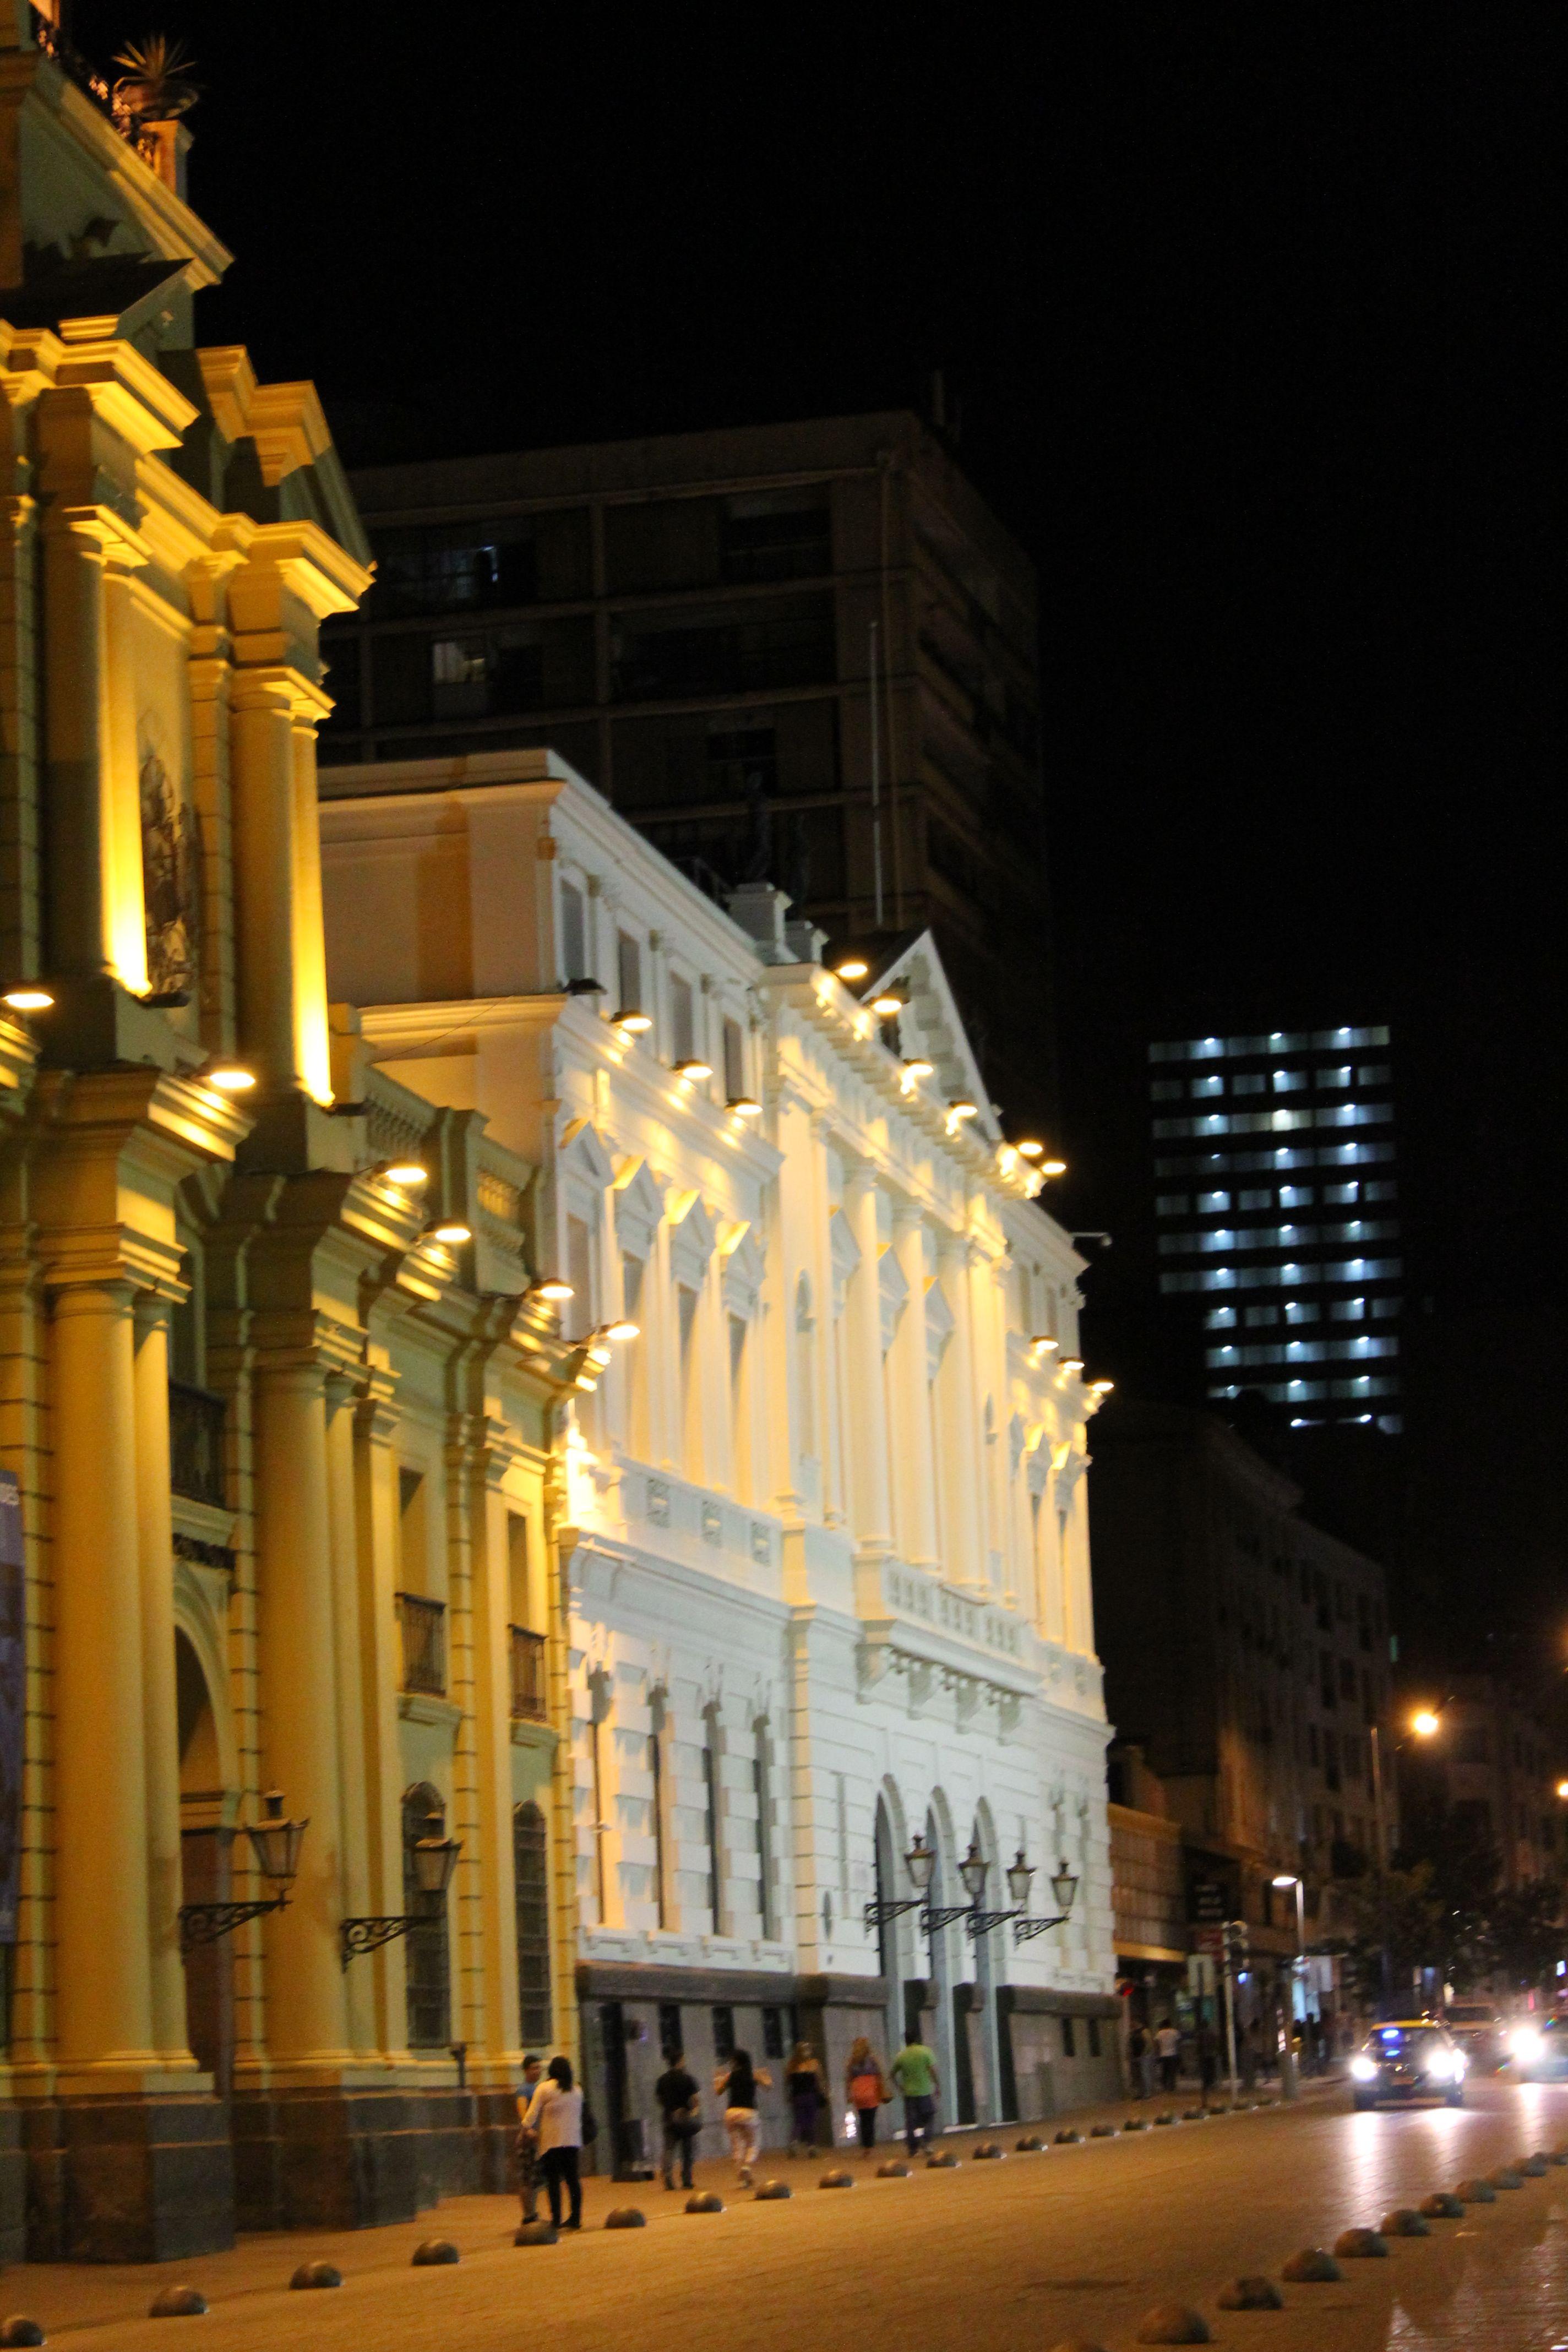 #santiago #Chile #night #PlazaDeArmas